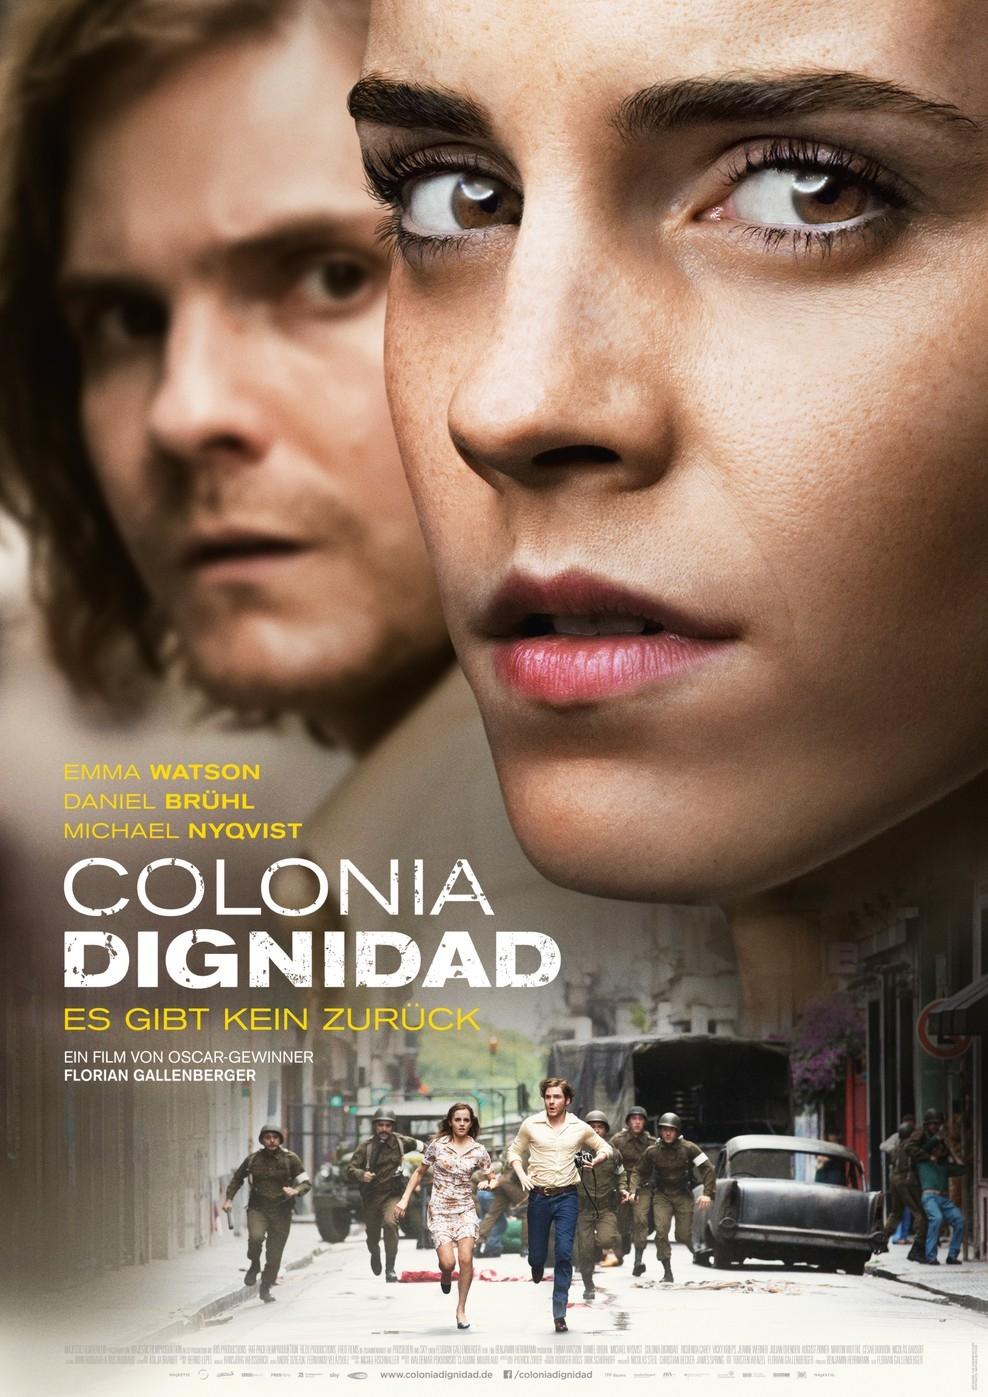 Colonia Dignidad - Es gibt kein Zurück (Poster)